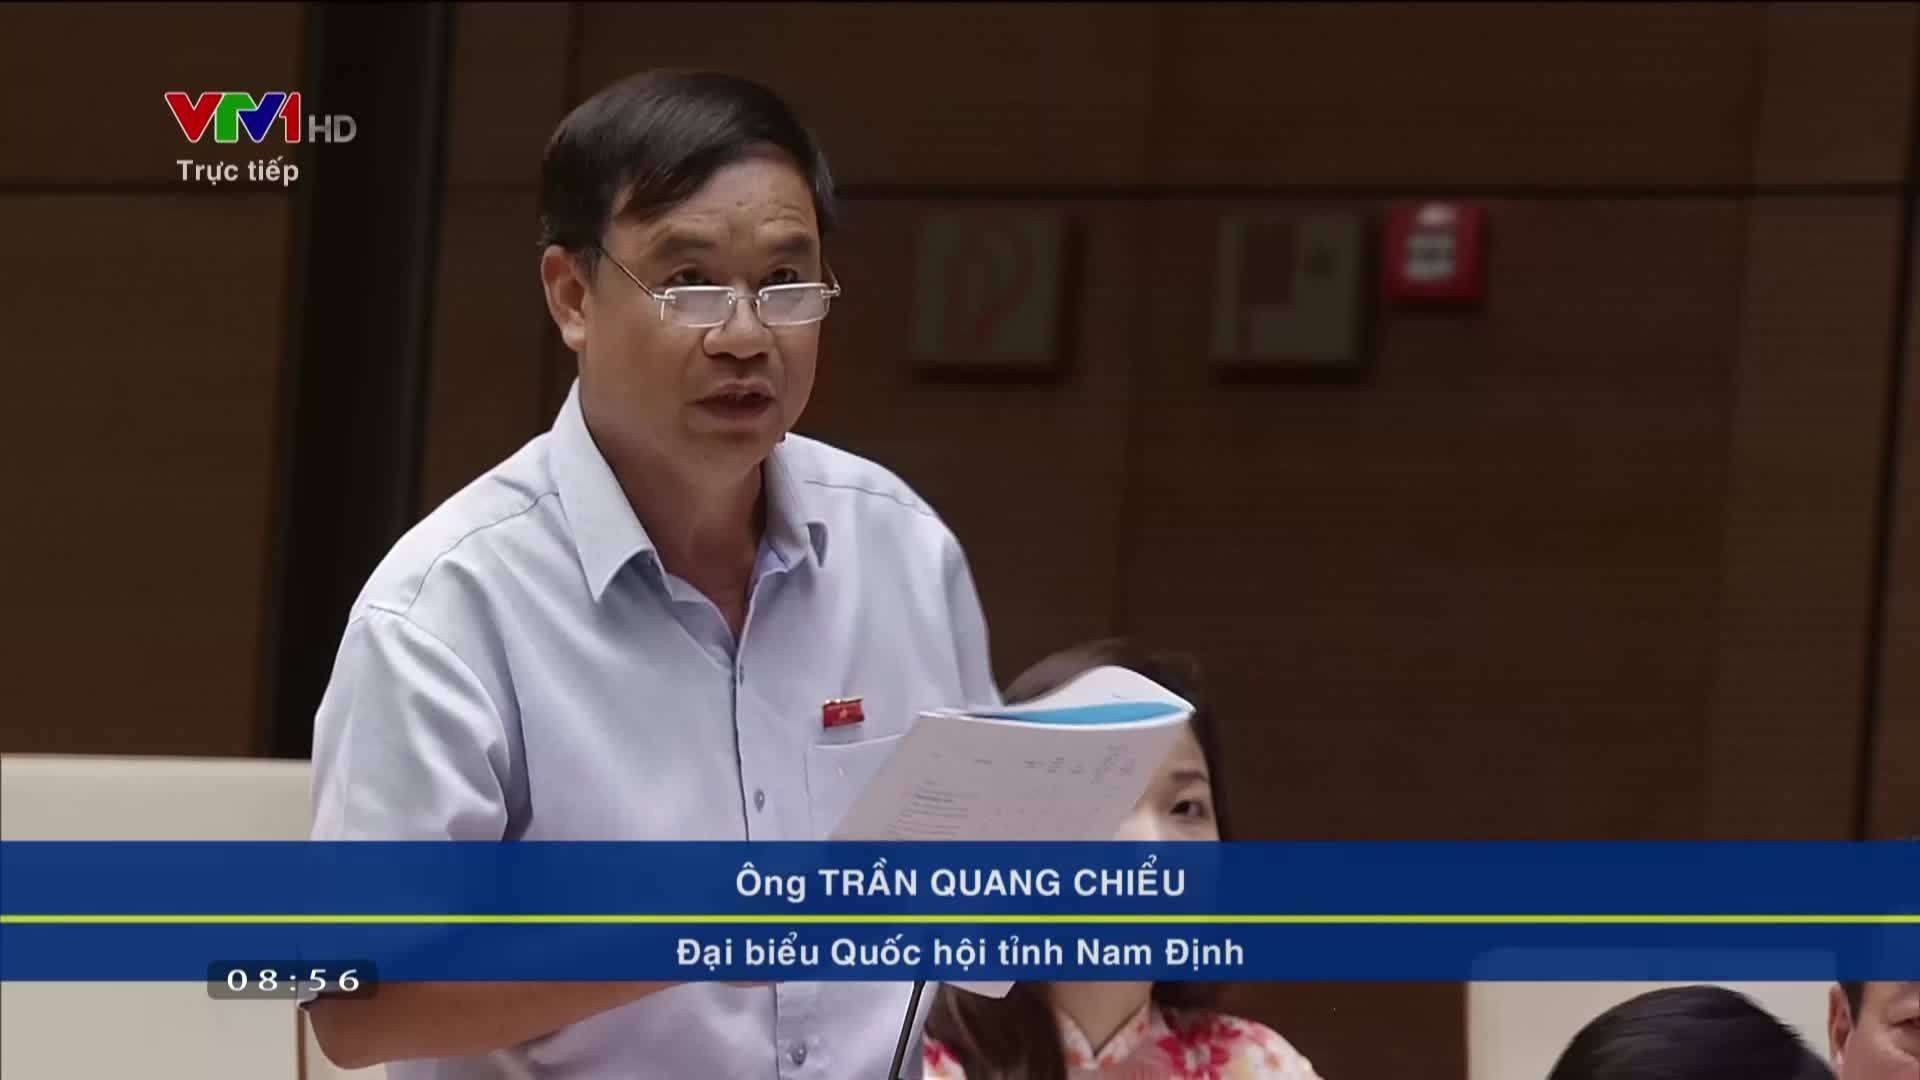 Đại biểu Quốc hội tranh luận về tăng trưởng phụ thuộc dầu thô